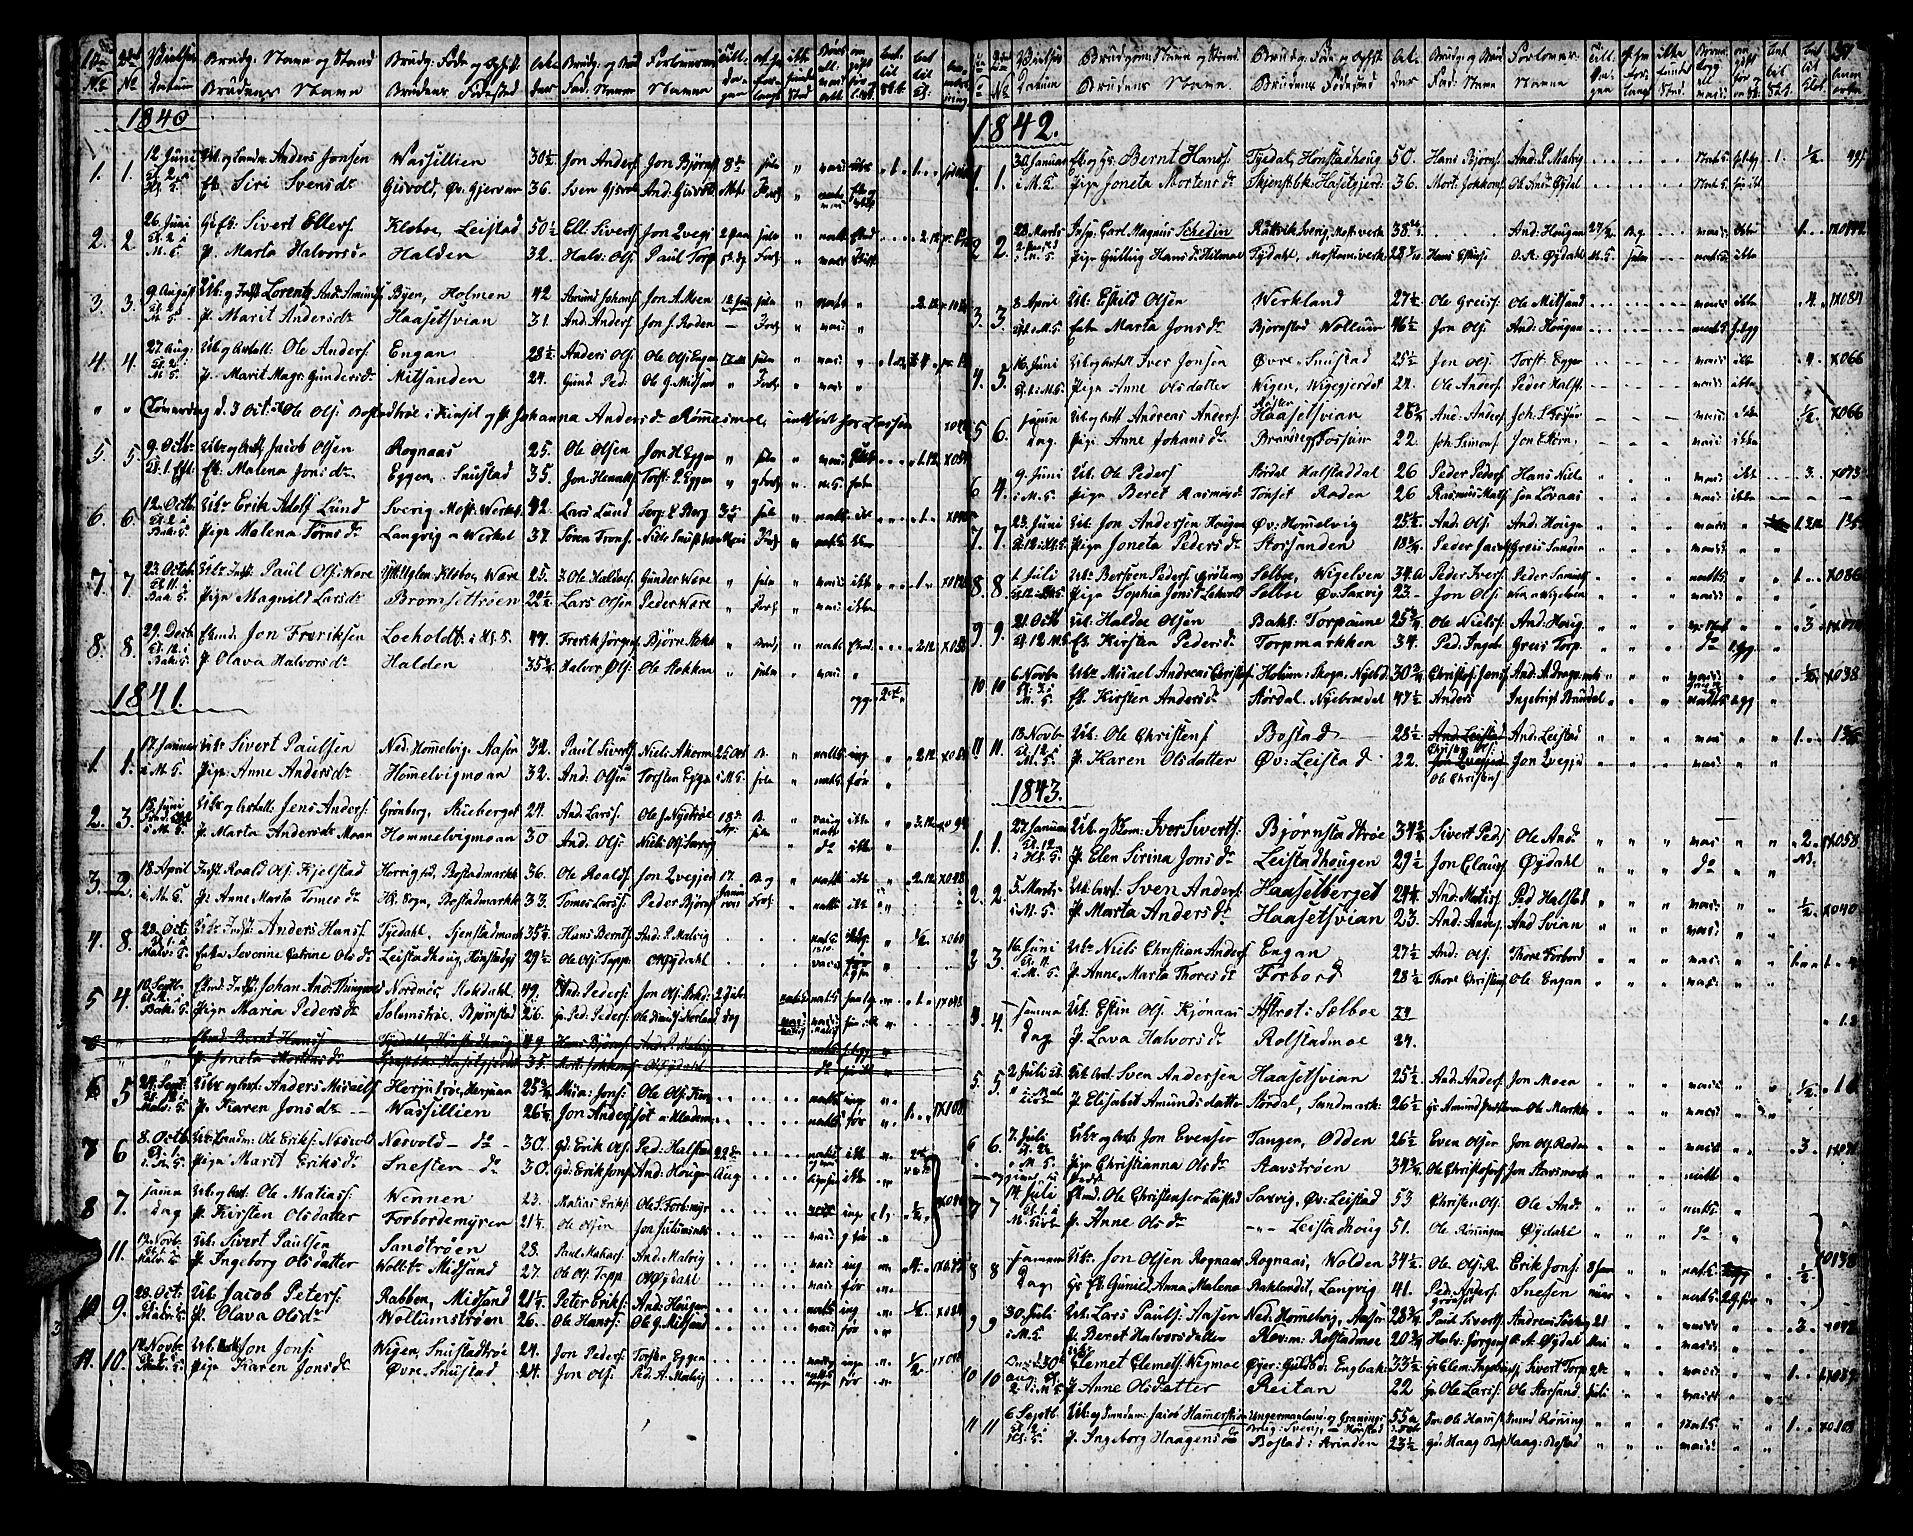 SAT, Ministerialprotokoller, klokkerbøker og fødselsregistre - Sør-Trøndelag, 616/L0421: Klokkerbok nr. 616C04, 1834-1850, s. 31